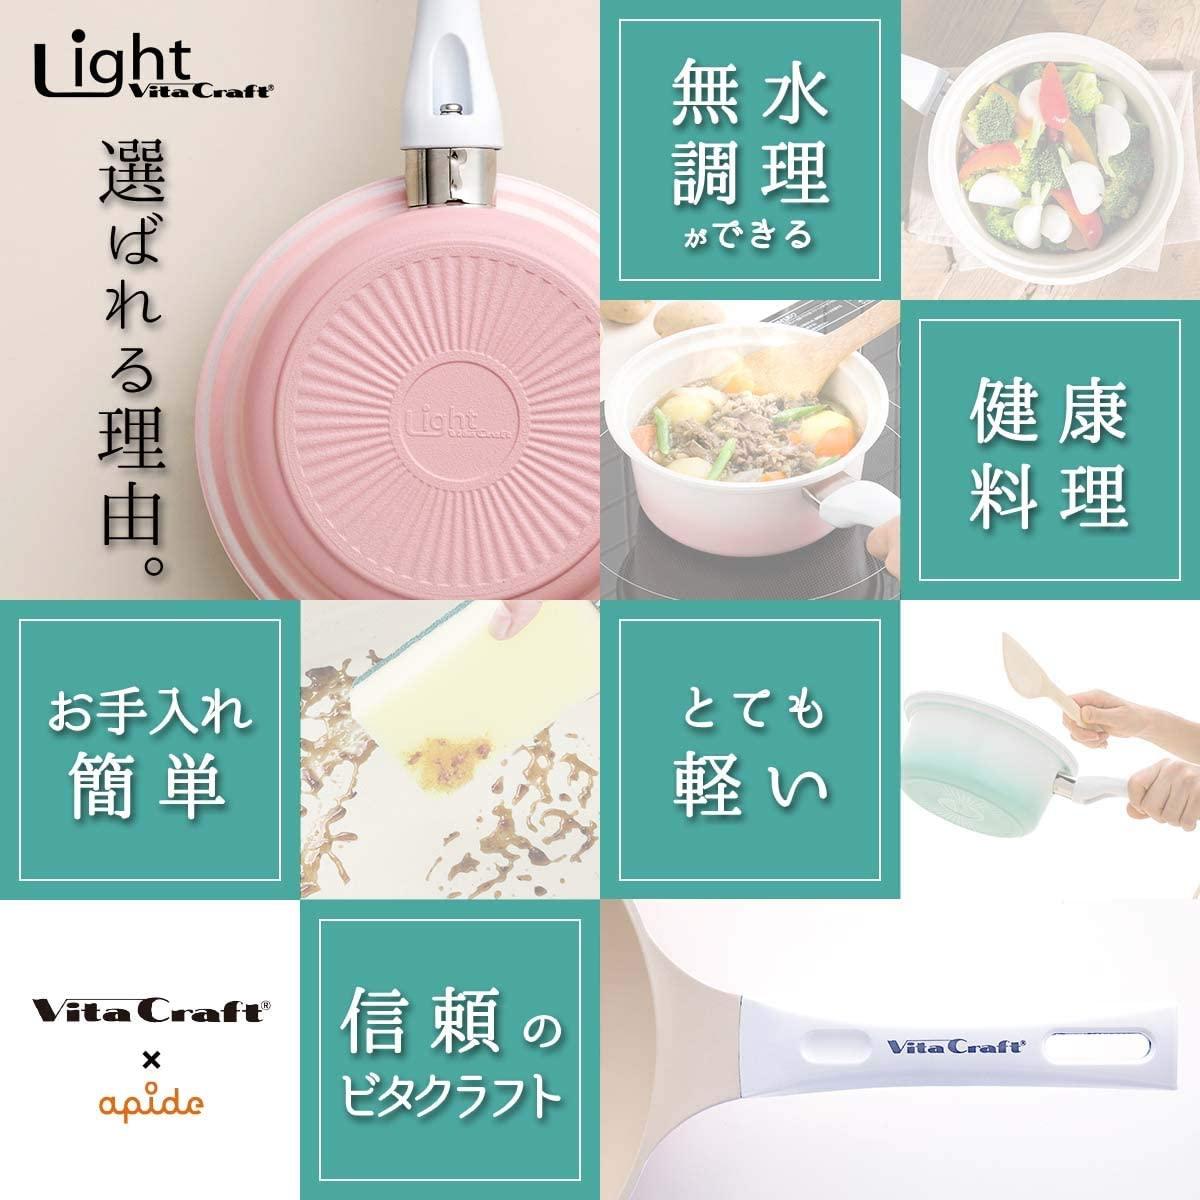 Vita Craft(ビタクラフト) ライト 片手鍋の商品画像3